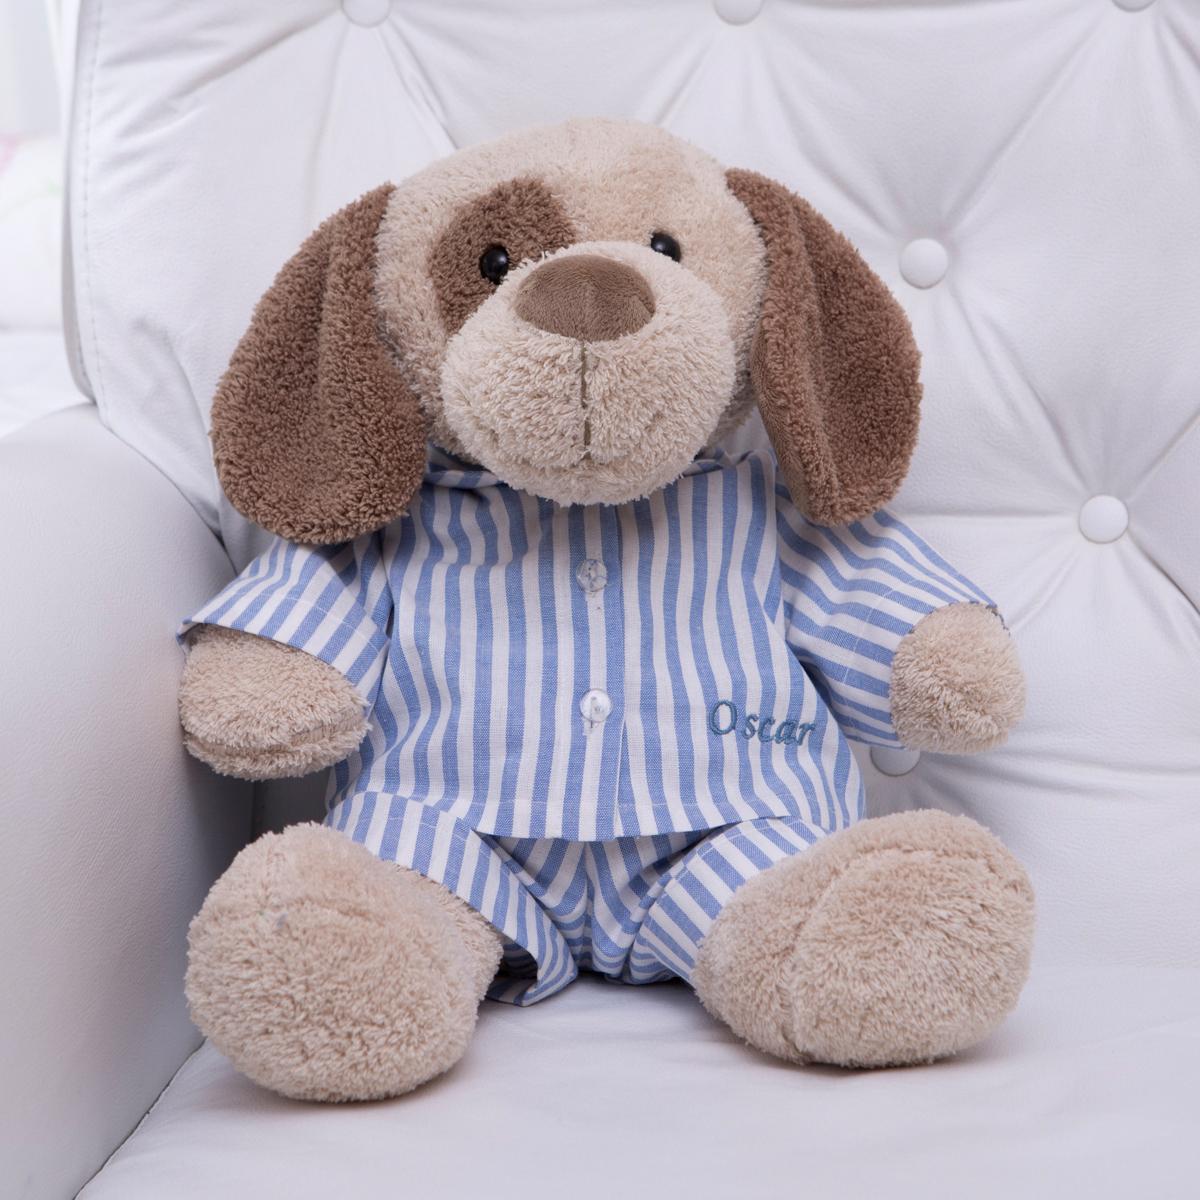 f4c623750 Pelucia cachorro pijama personalizado comprar presente bebe crianca 2 (e).  15 pessoas recentemente compraram este produto